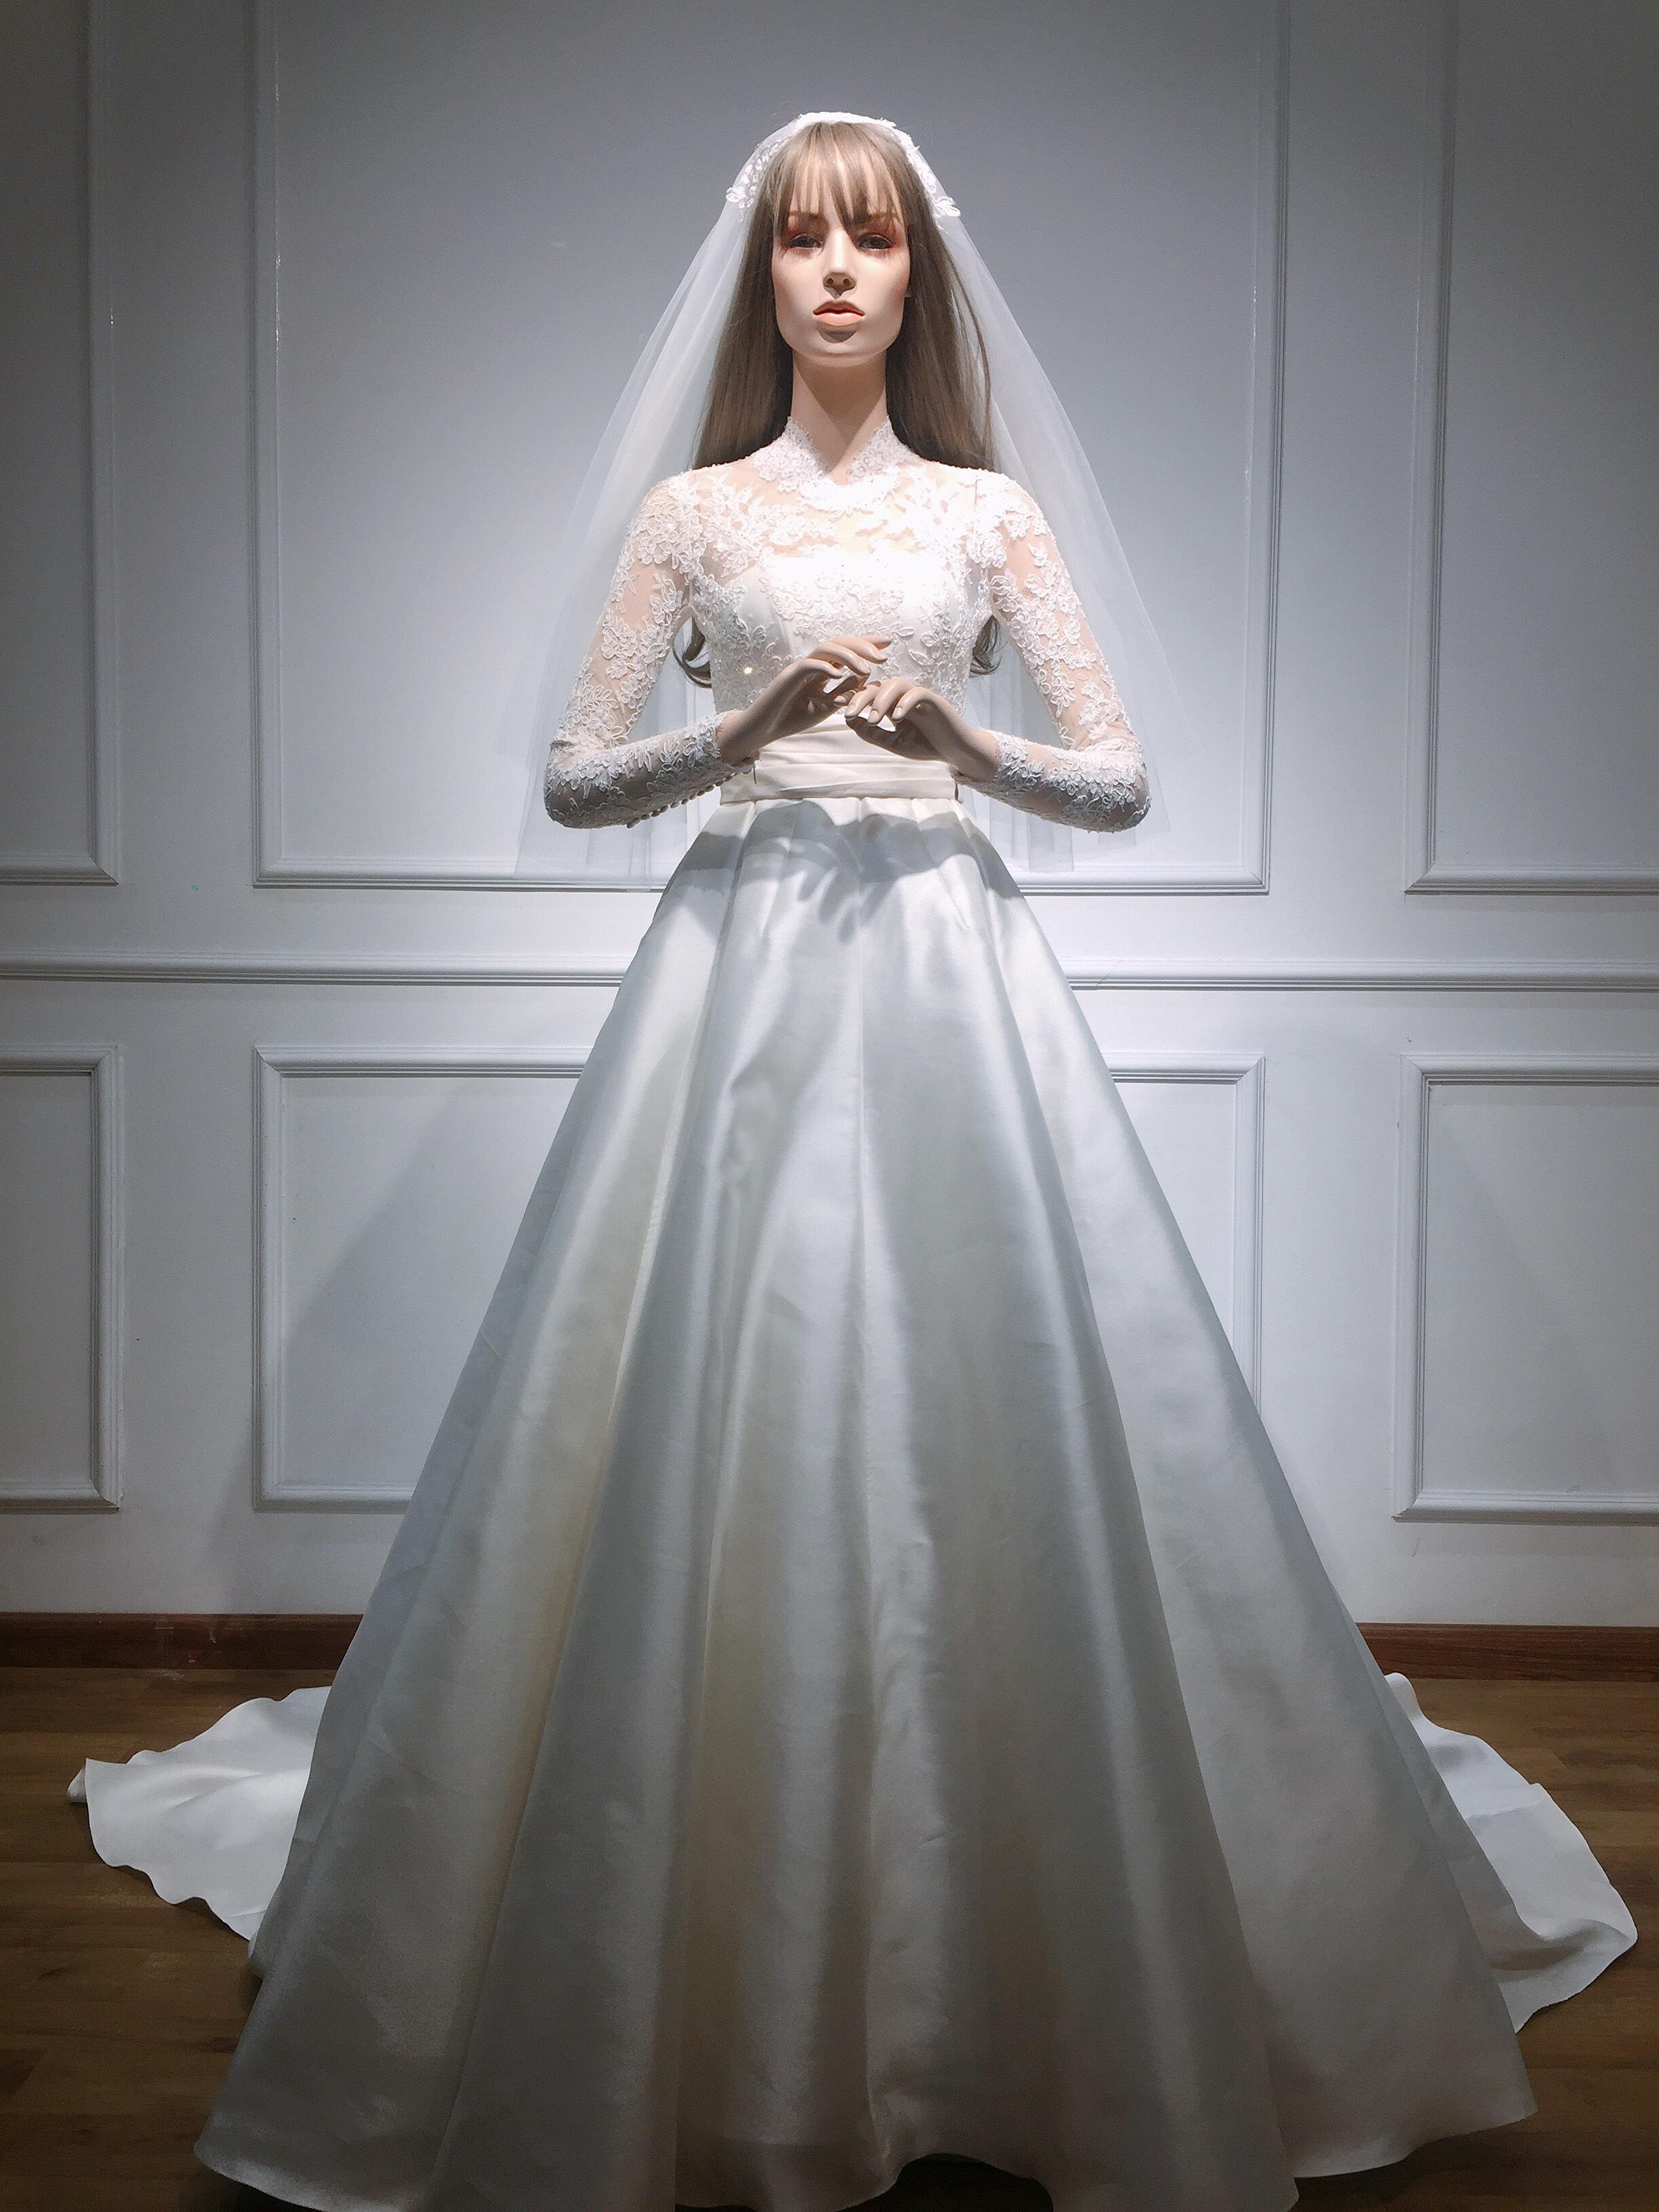 Bí mật chiếc váy cưới biến Đặng Thu Thảo thành nàng công chúa trong ngày cưới-8